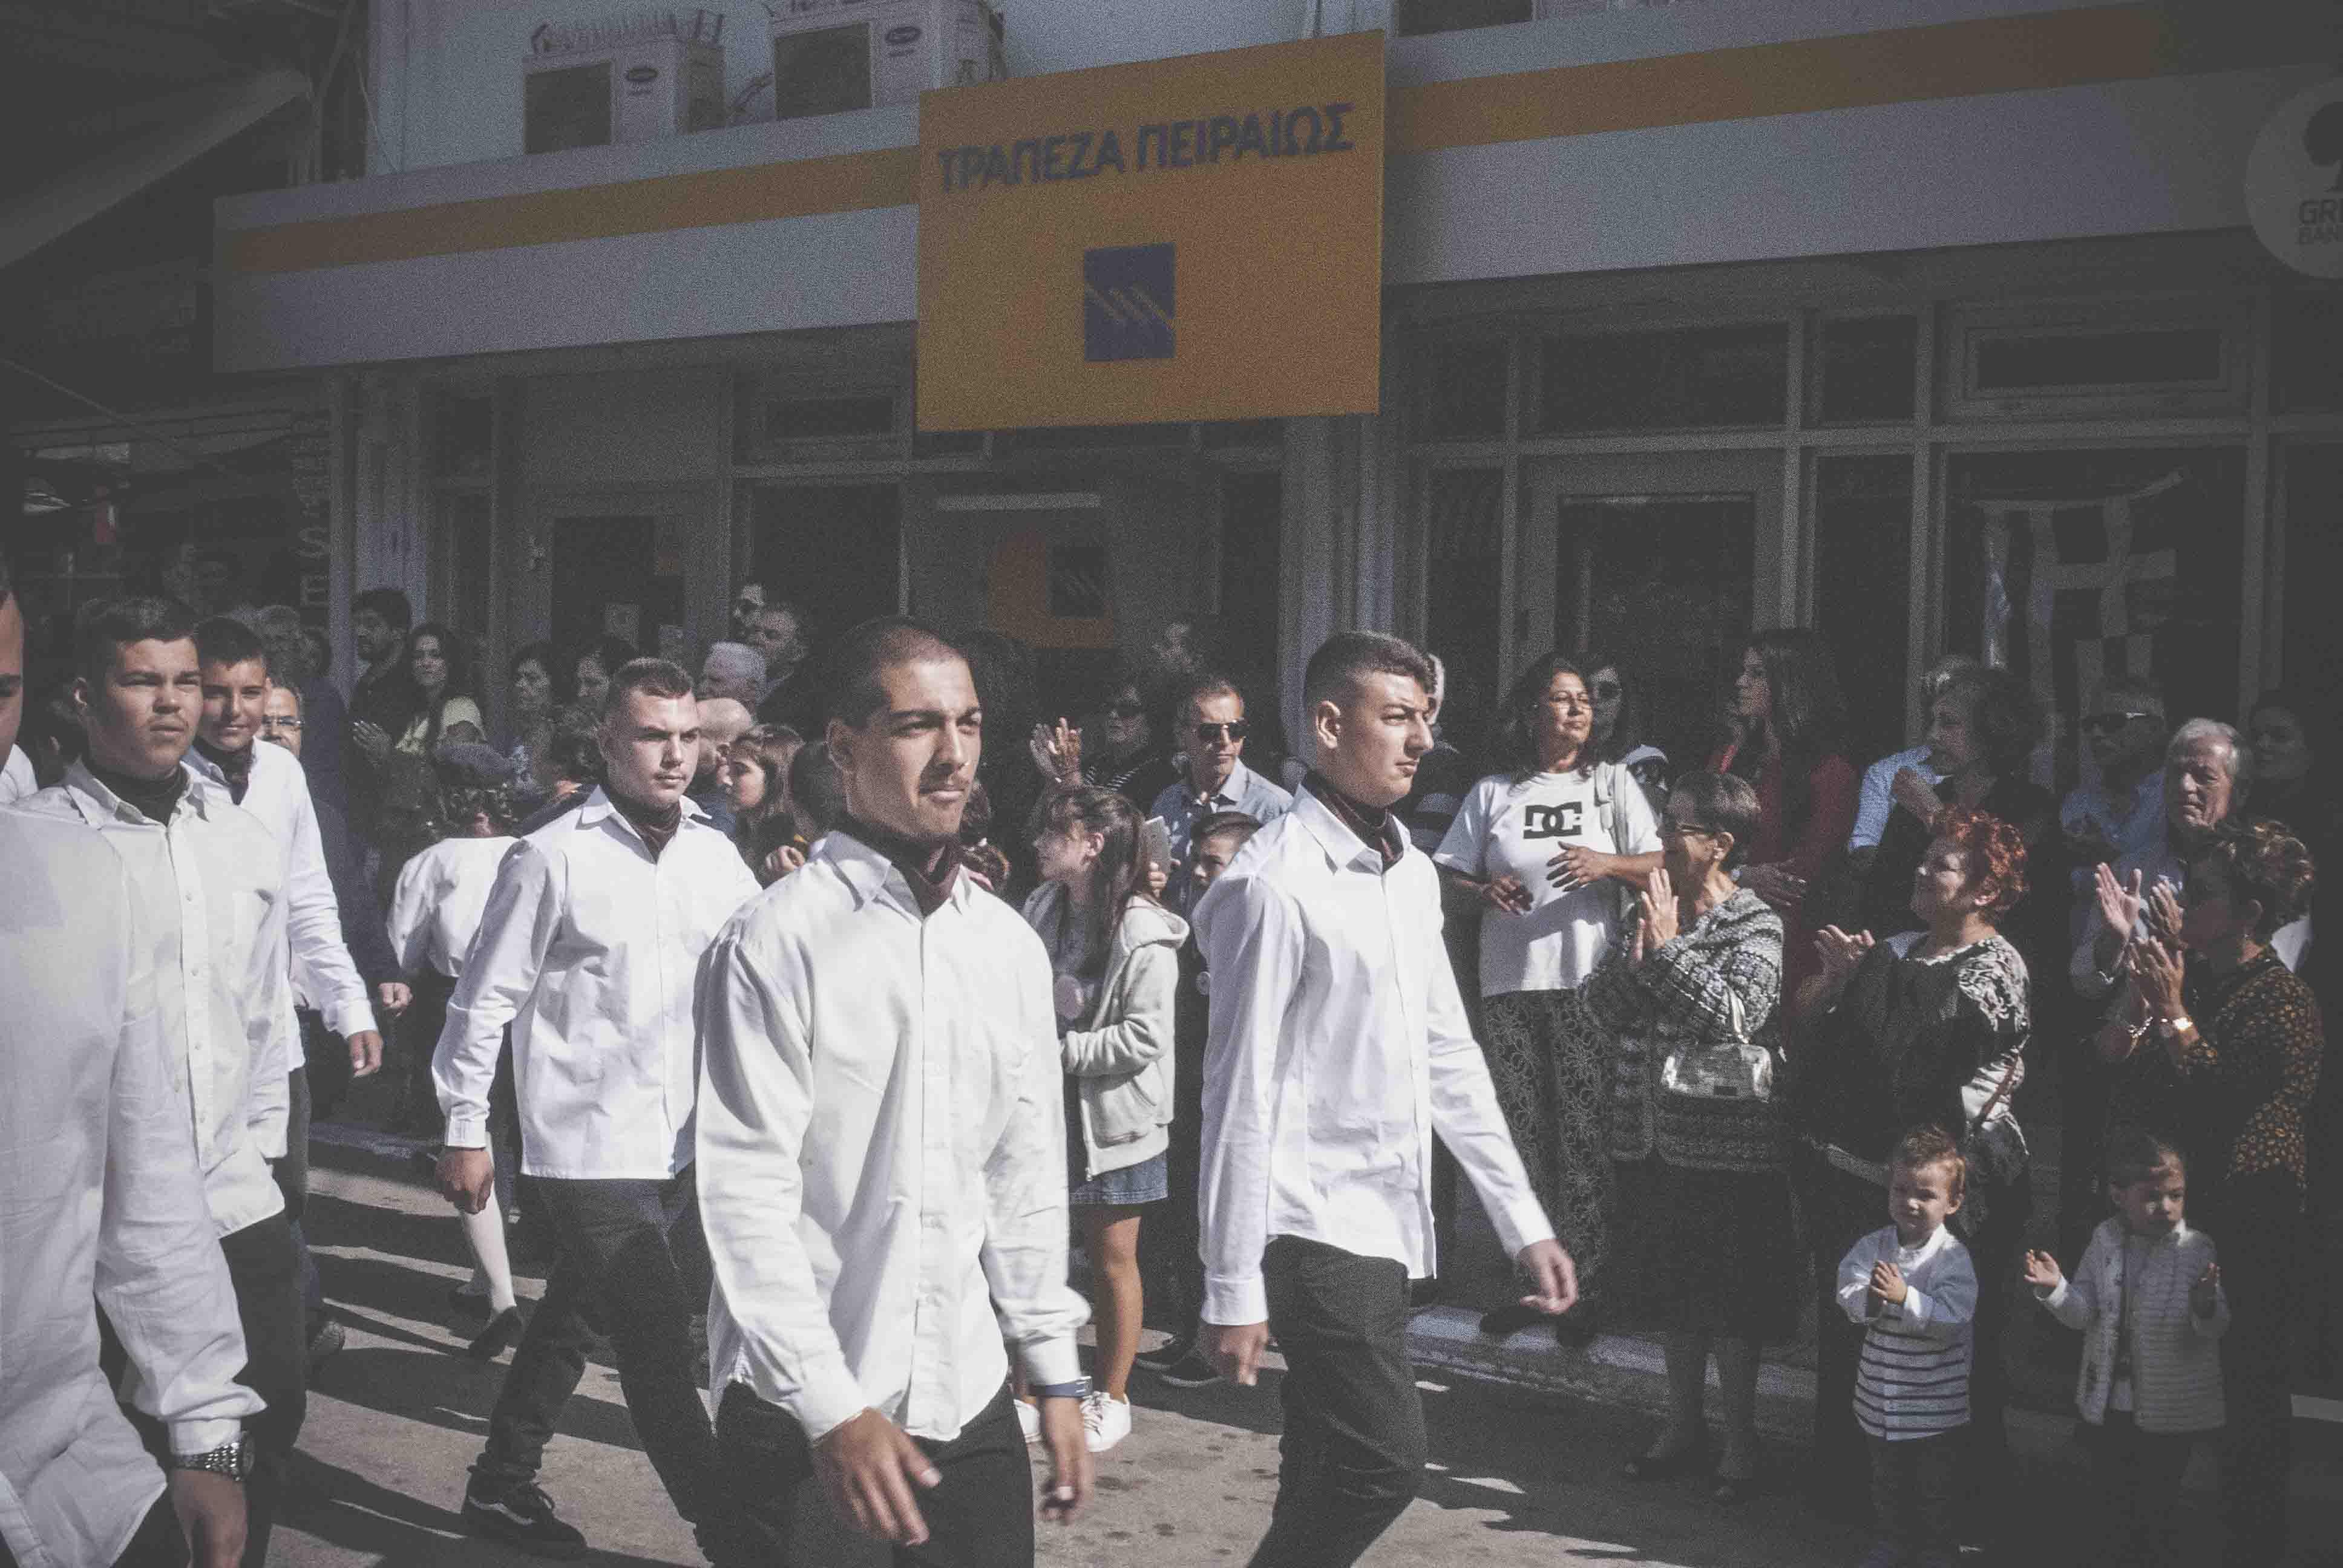 Φωτογραφικό υλικό από την παρέλαση στα Ψαχνά Φωτογραφικό υλικό από την παρέλαση στα Ψαχνά DSC 0441